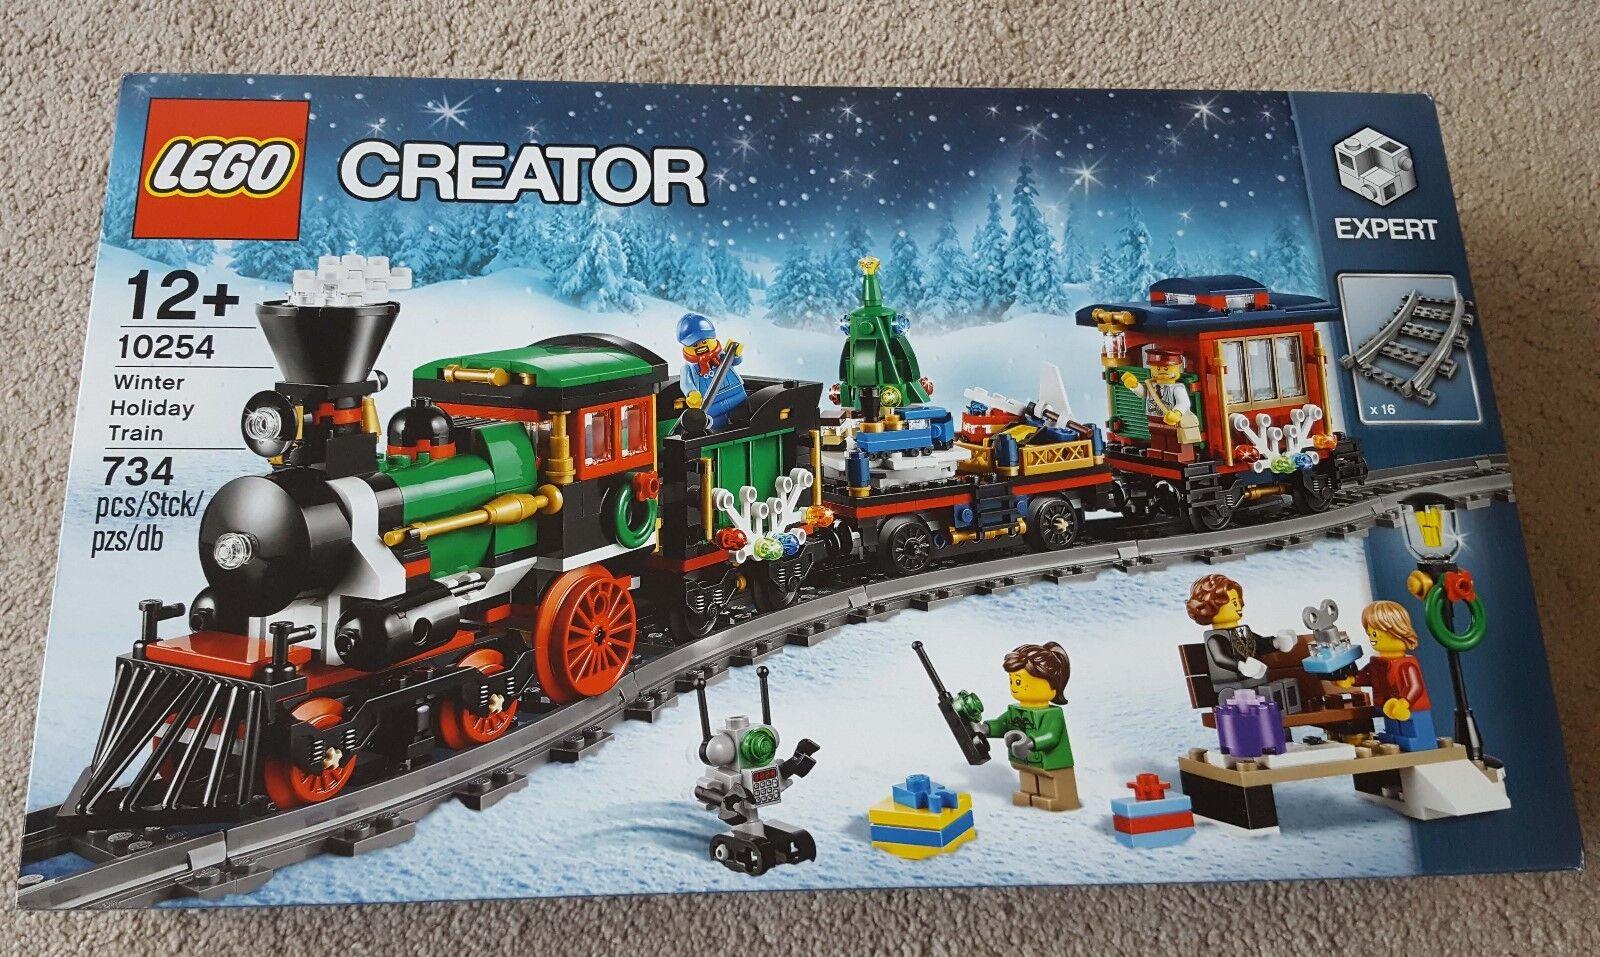 Lego 10254 Winter Holiday Train Christmas BNSIB